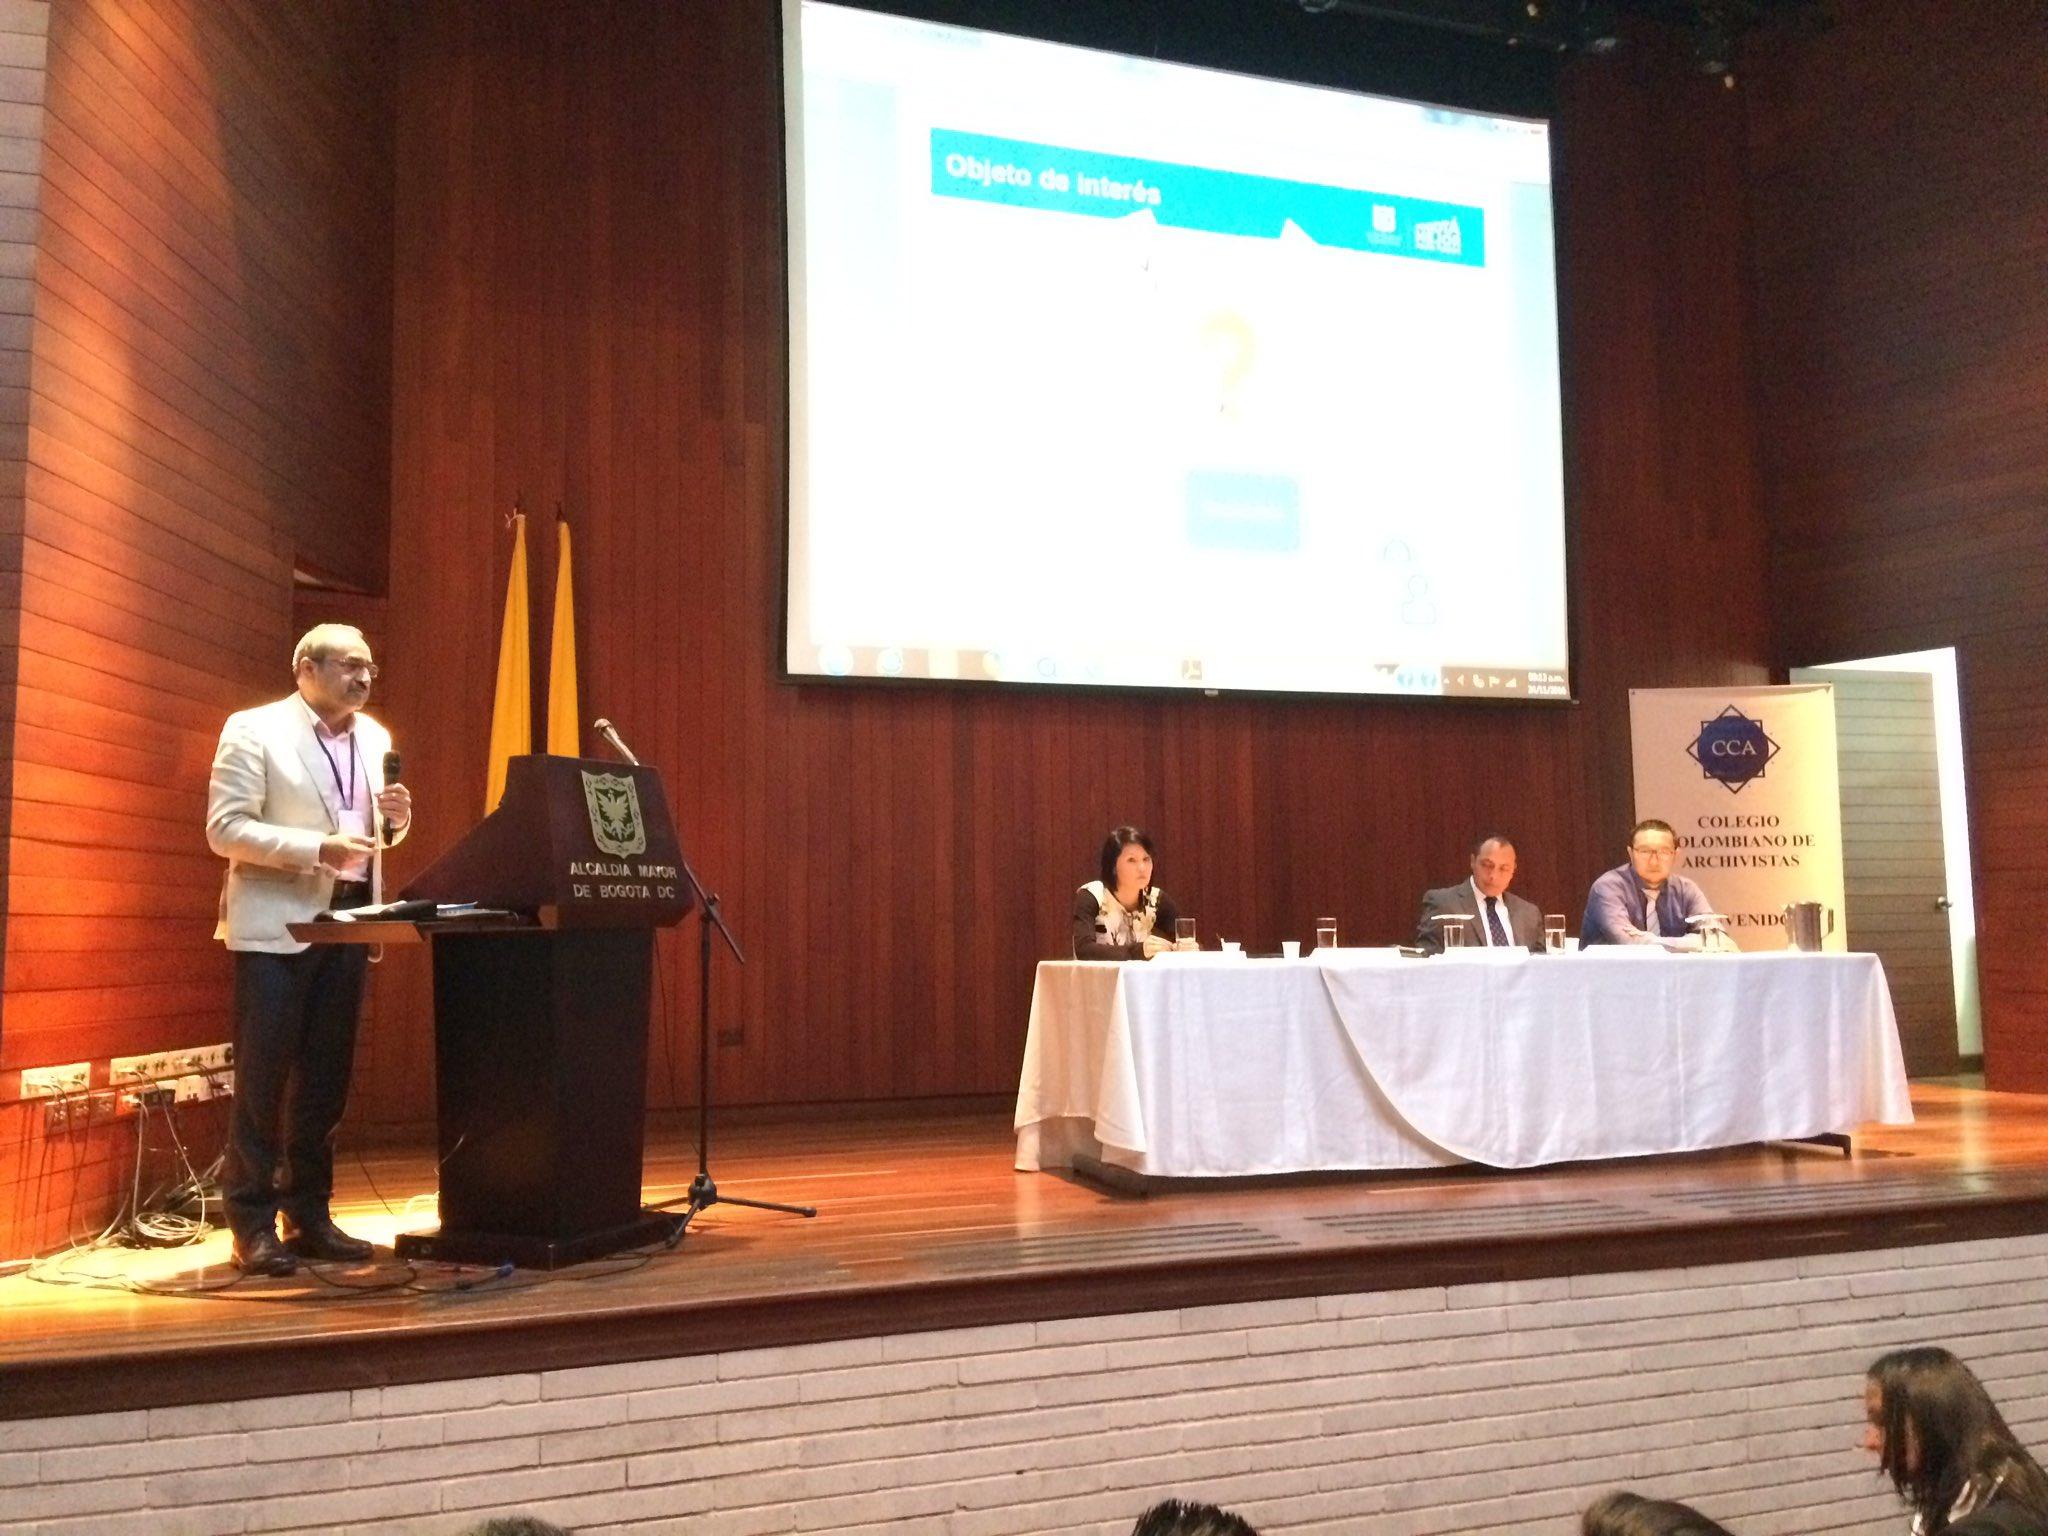 Leonardo Guzmán habla sobre preservación digital y los #RetosDeLosArchivosMunicipales https://t.co/aacgn4WHZK